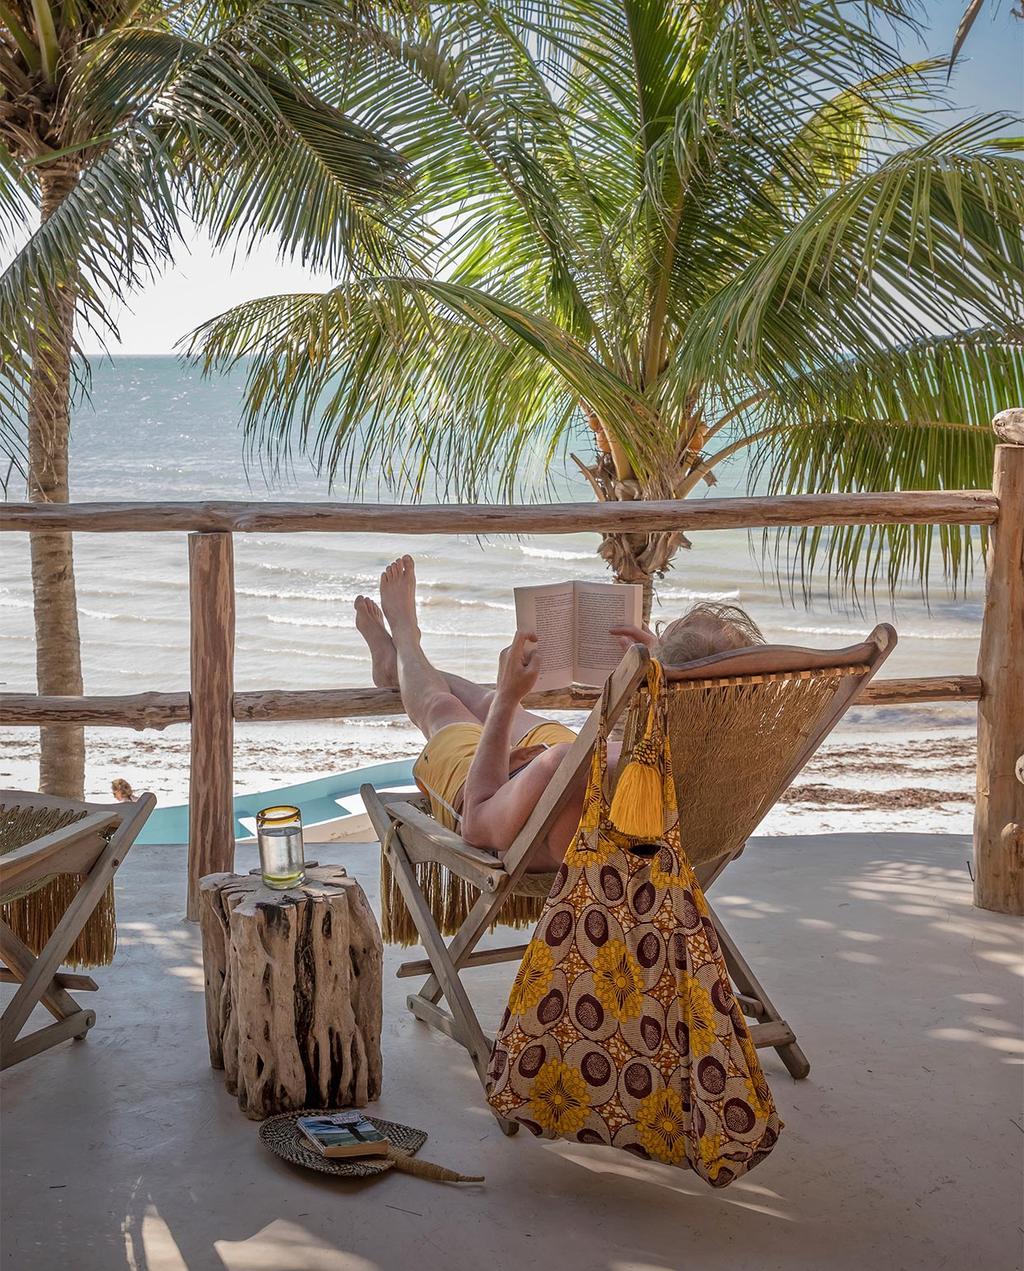 vtwonen casas especiais de verão 07-2021 |  espreguiçadeira na praia